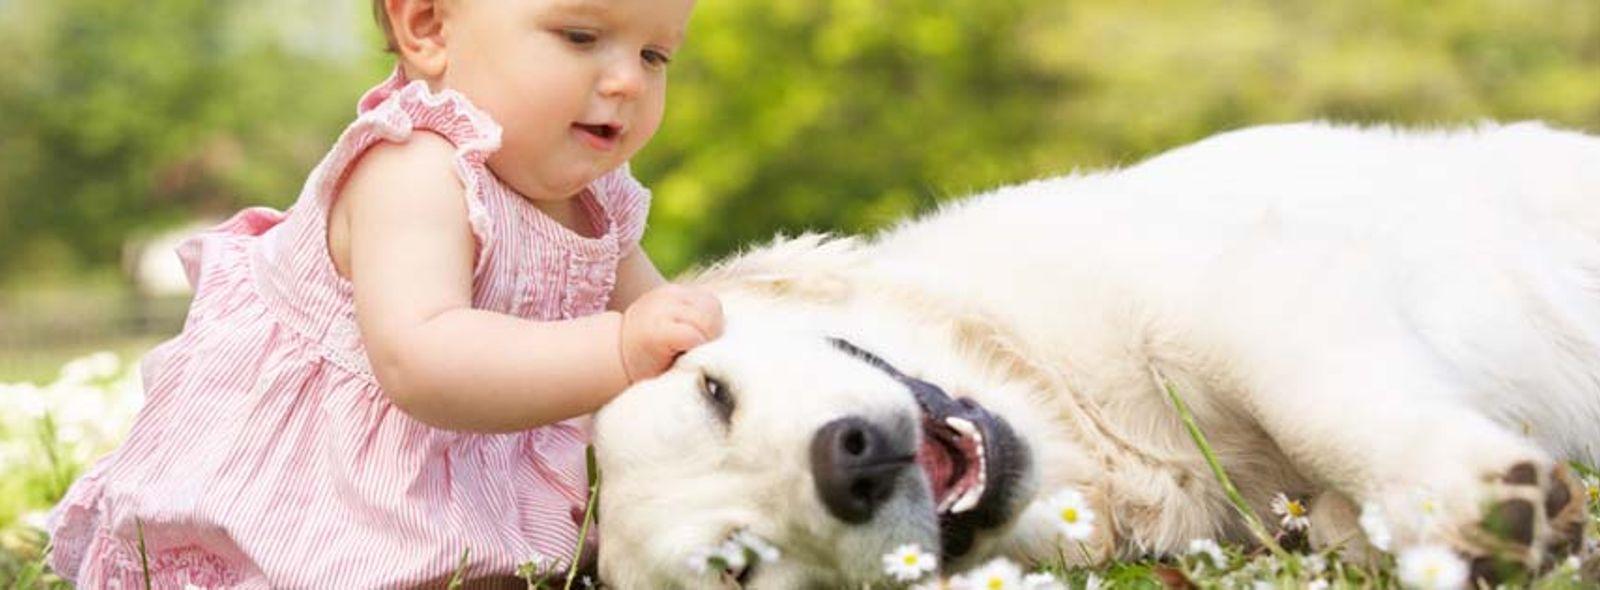 Come preparare il cane all'arrivo del neonato